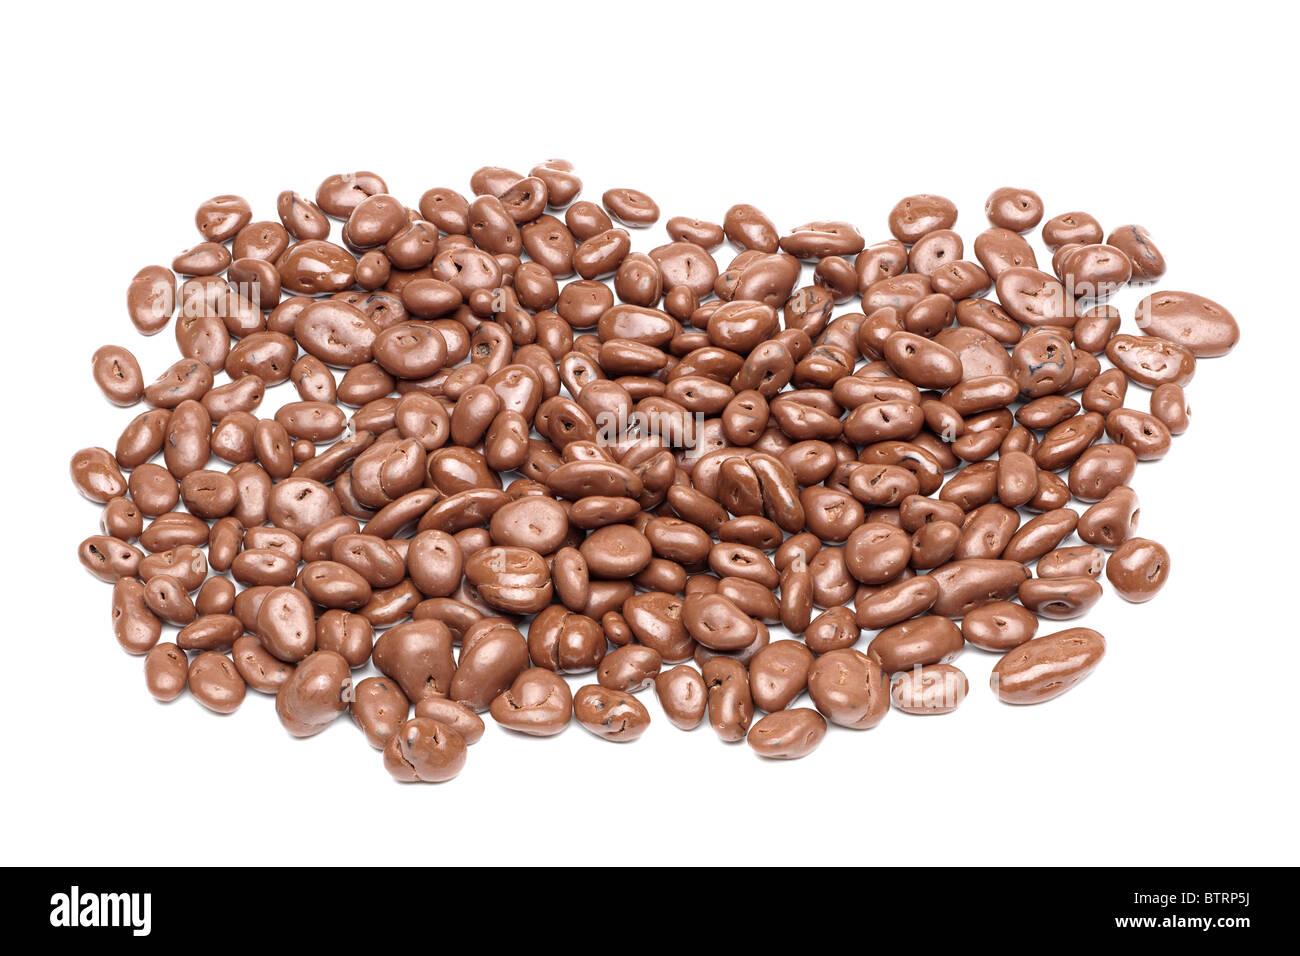 Pile of Cadbury milk chocolate covered raisins Stock Photo ...